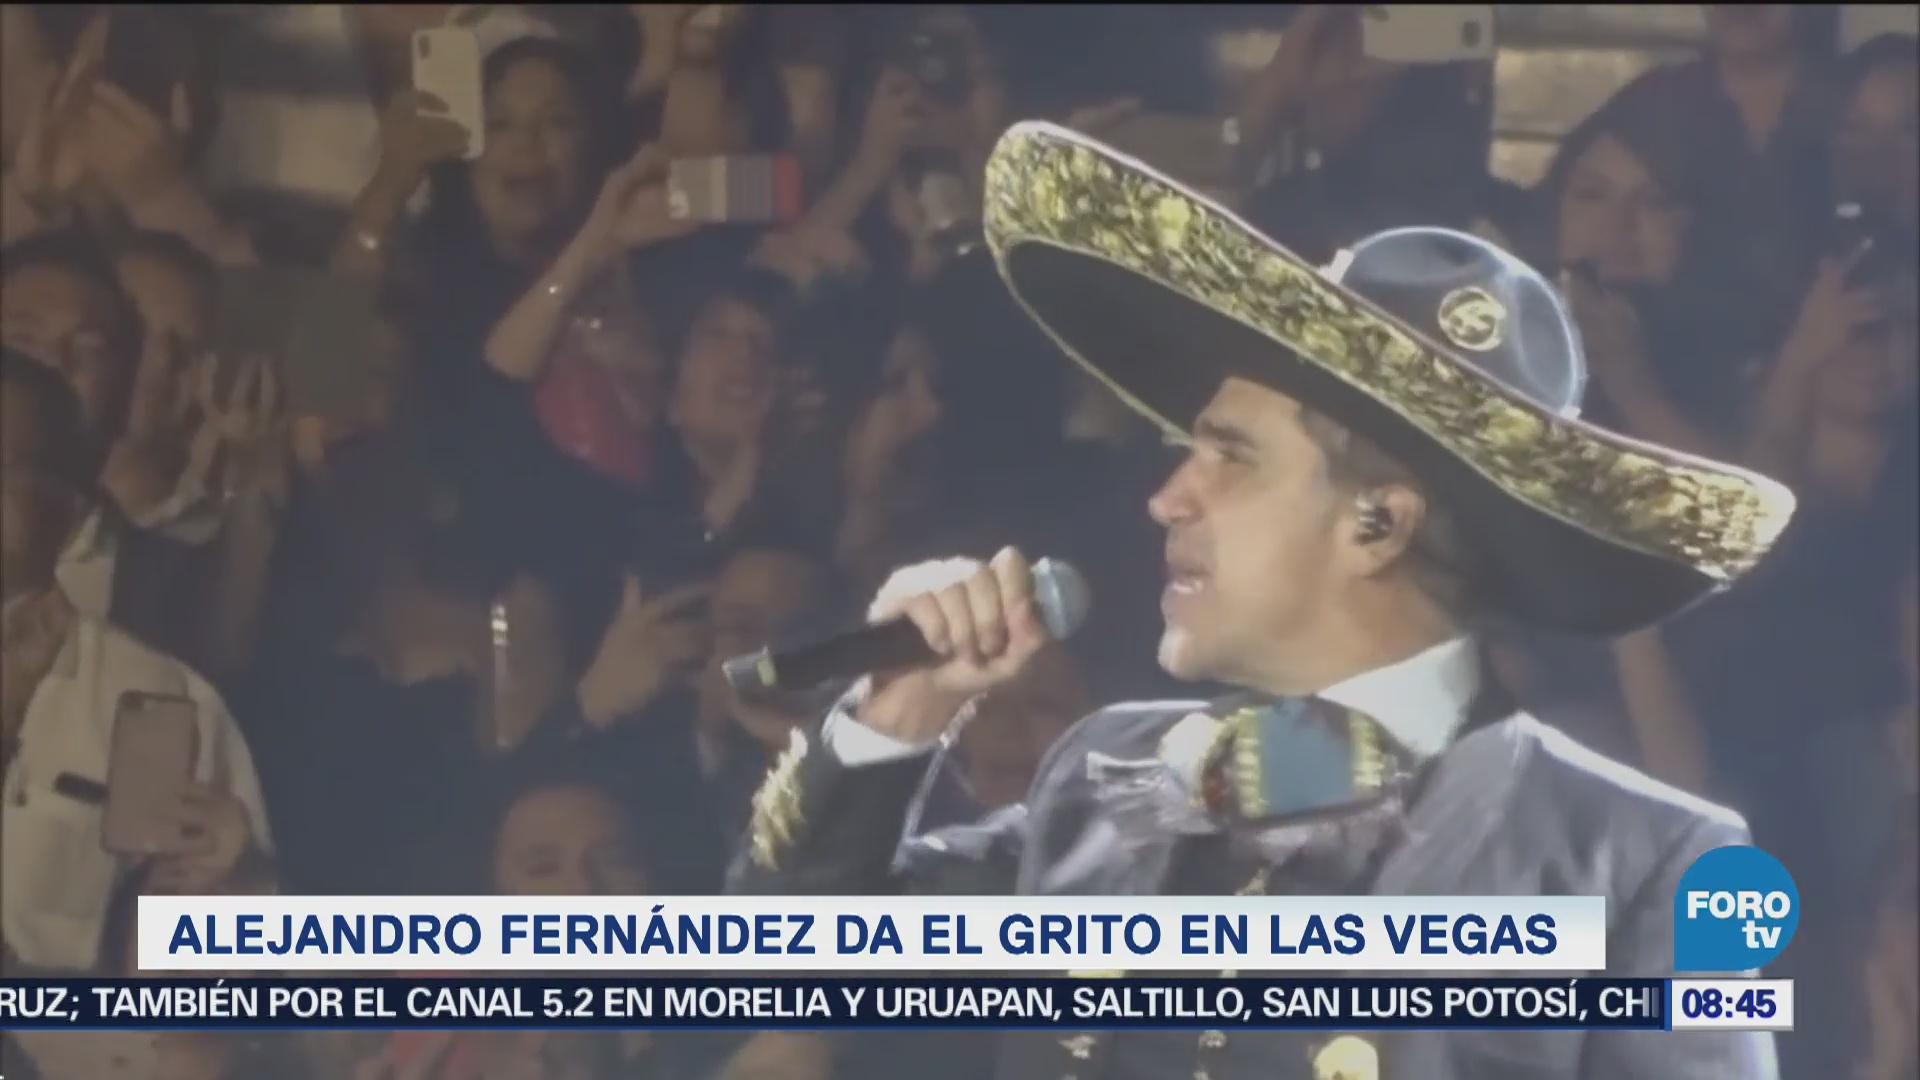 Alejandro Fernández da el grito en Las Vegas